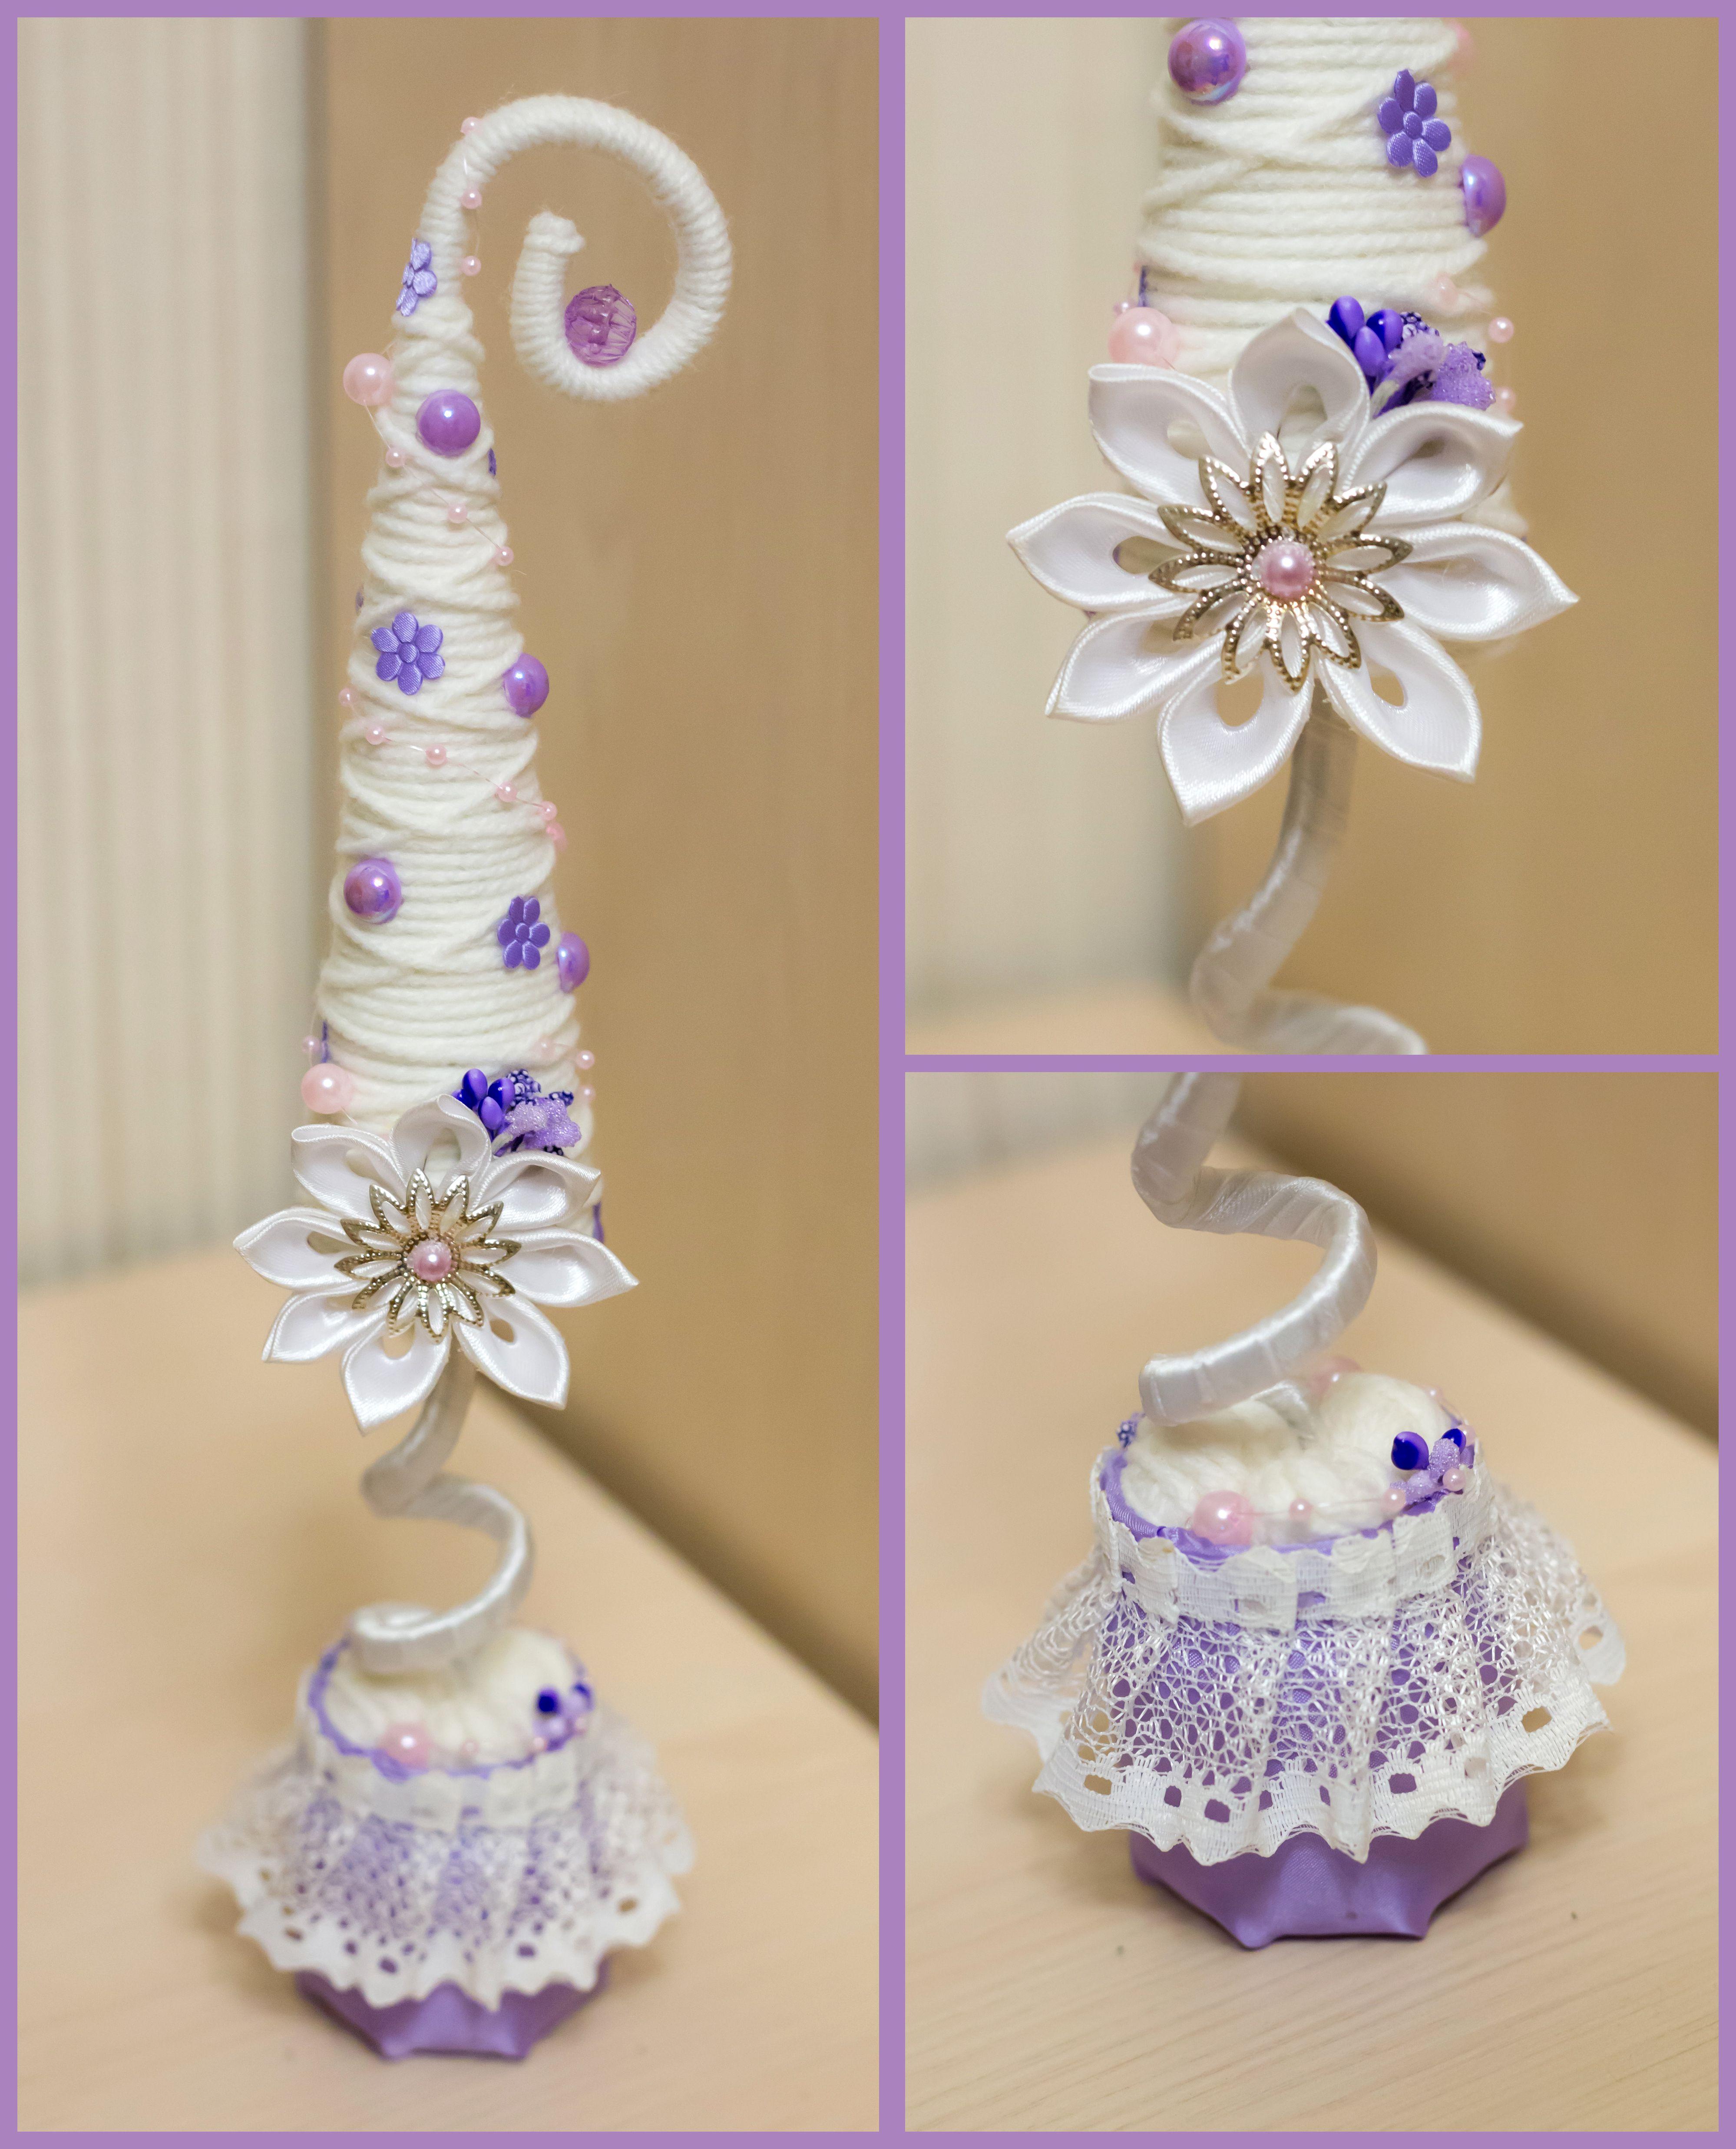 подарок нитки декор хэнд-мейд бусинки красивые творчество елочка